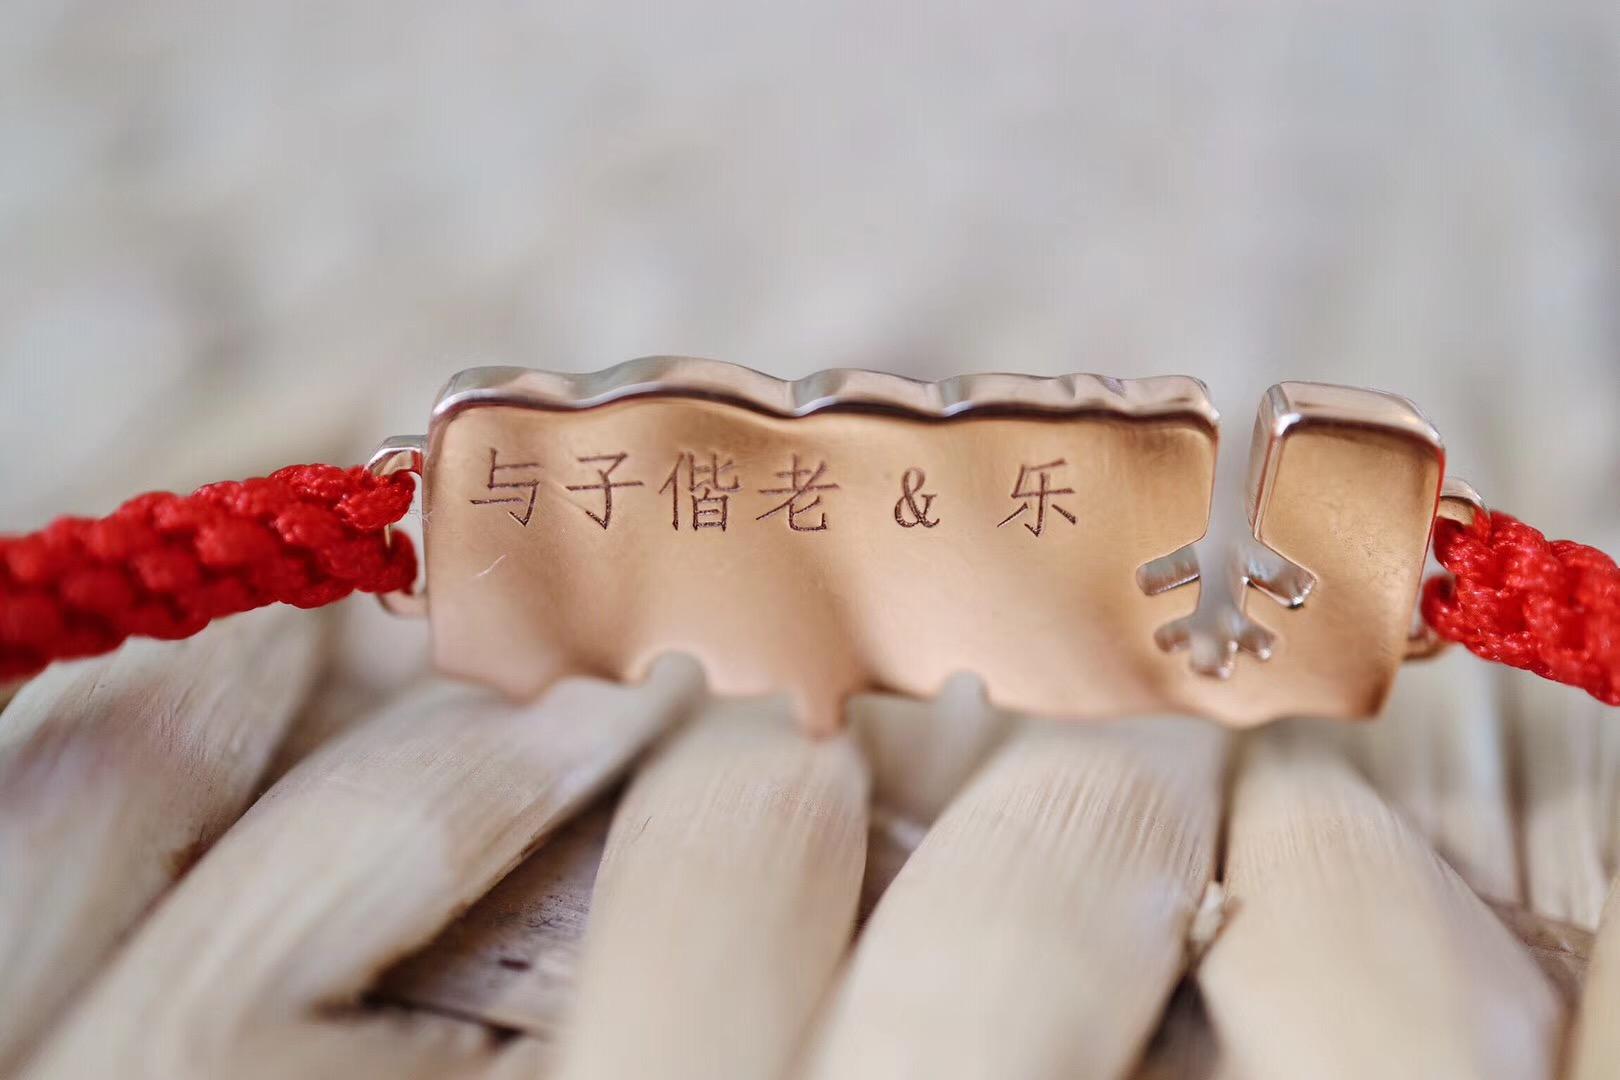 【菩心-爱情拼图手绳】这才是爱情与生活本身的面貌-菩心晶舍